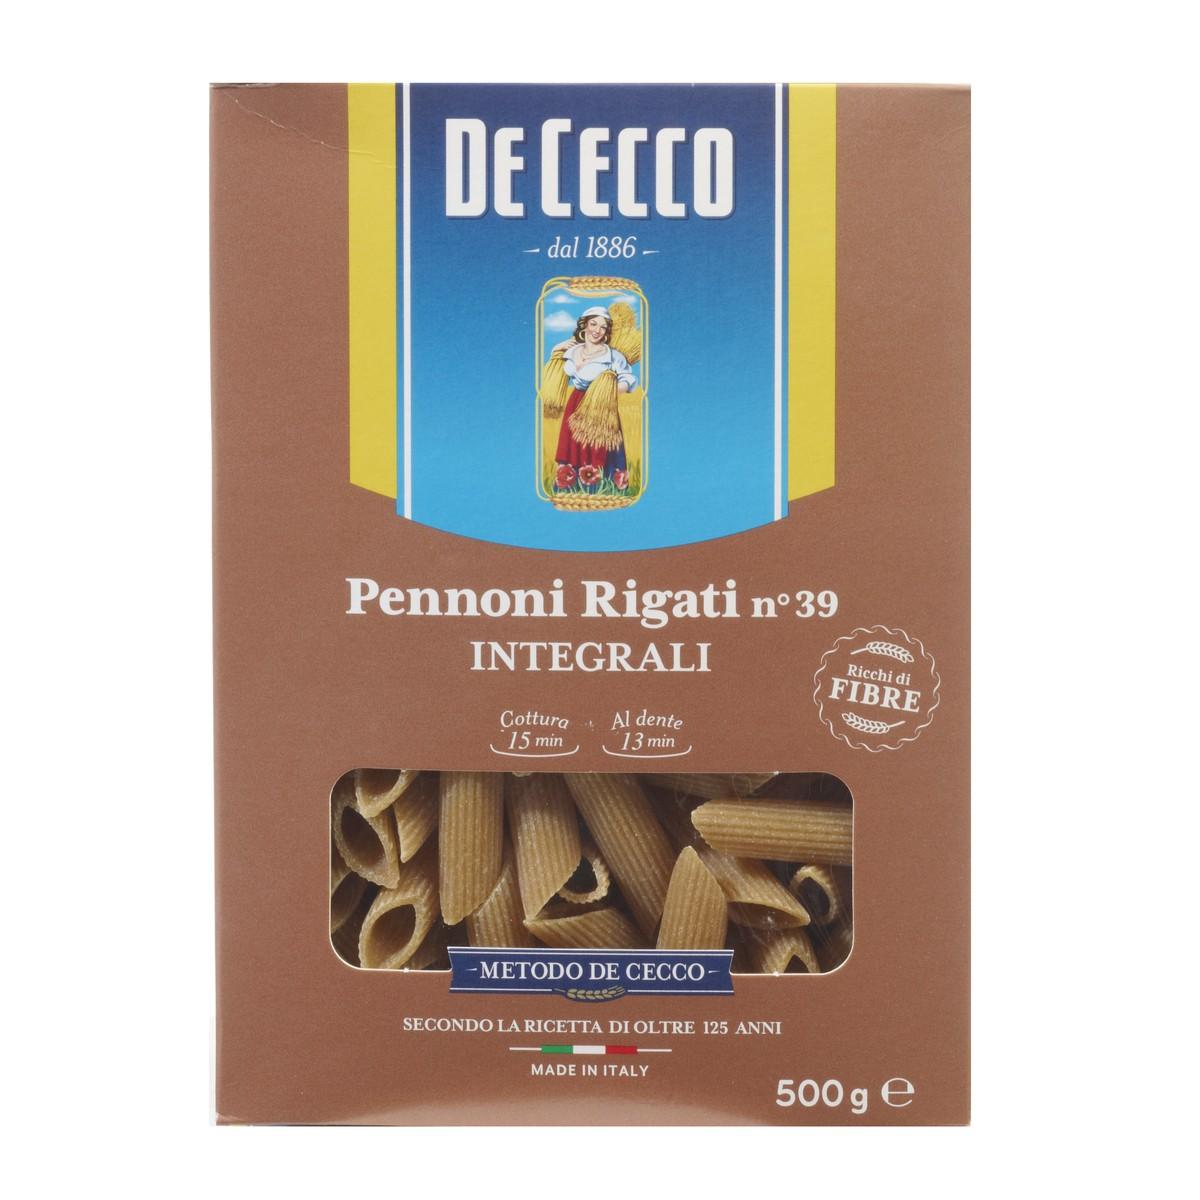 DE CECCO Pennoni rigati integrali n.39